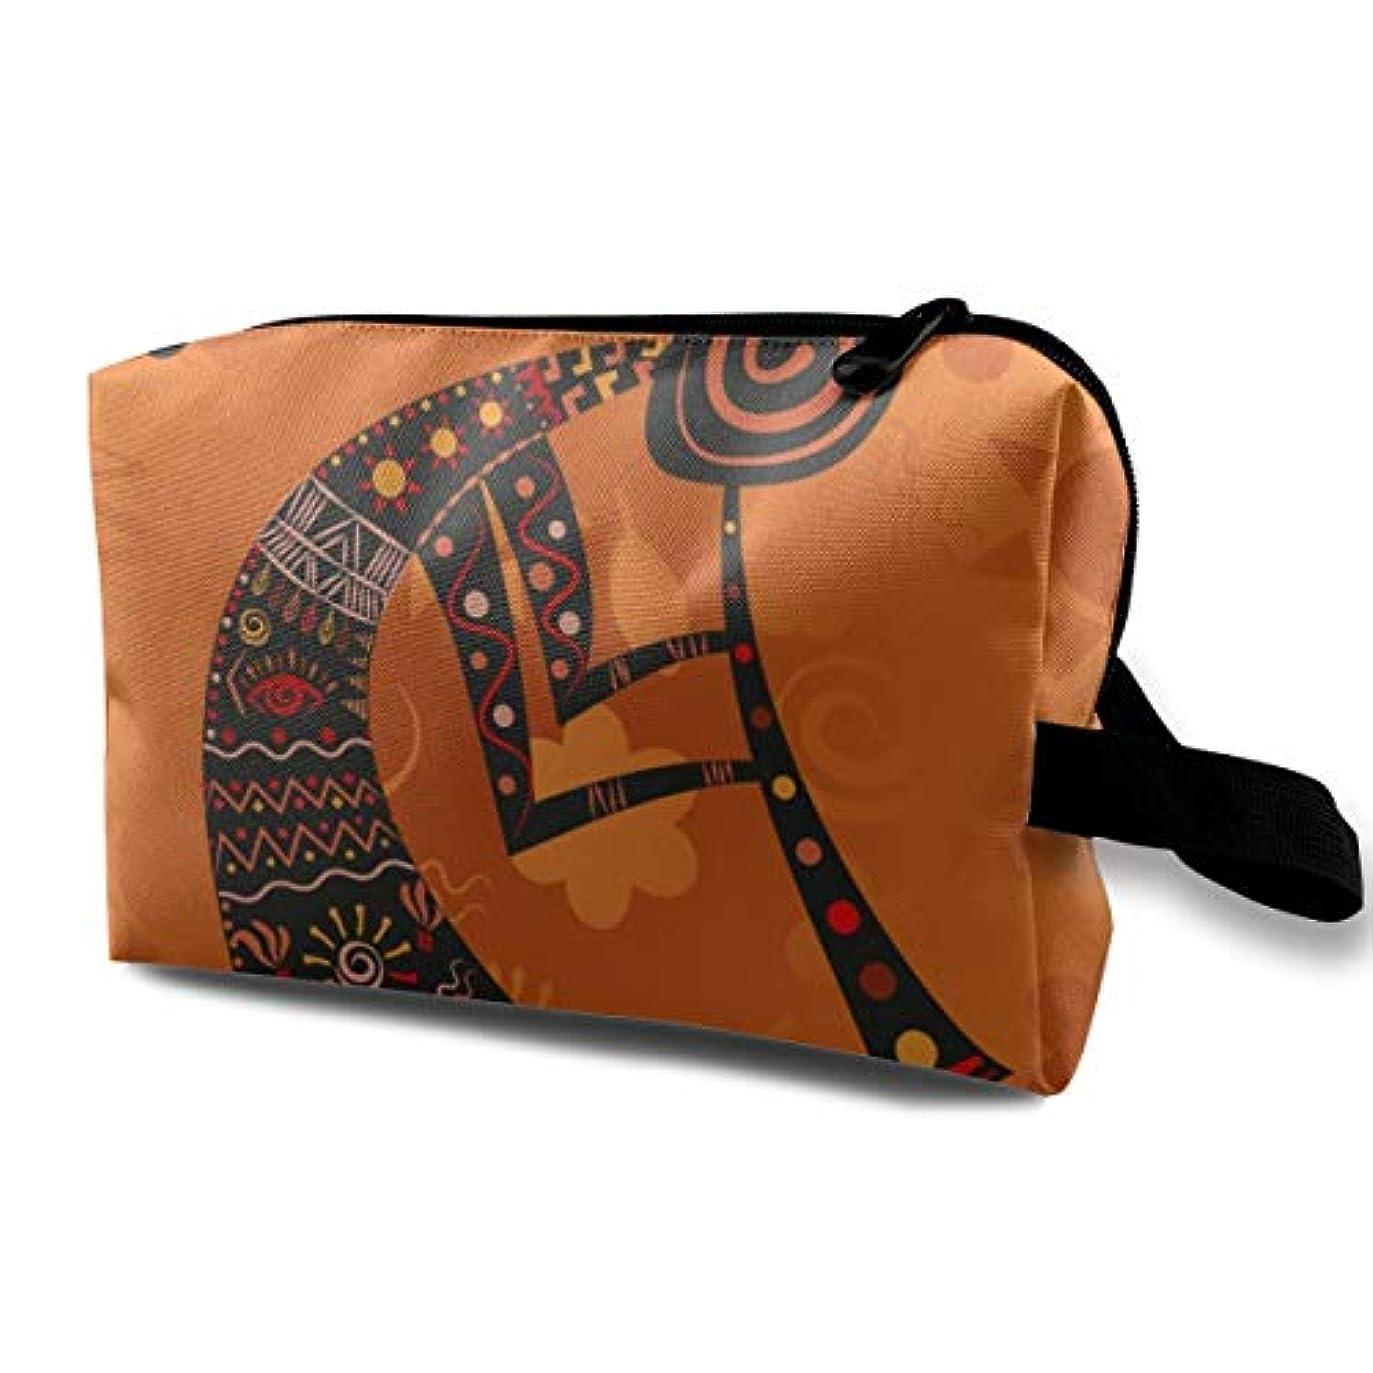 キリンペレット宿題Ethnic African Deity 収納ポーチ 化粧ポーチ 大容量 軽量 耐久性 ハンドル付持ち運び便利。入れ 自宅?出張?旅行?アウトドア撮影などに対応。メンズ レディース トラベルグッズ